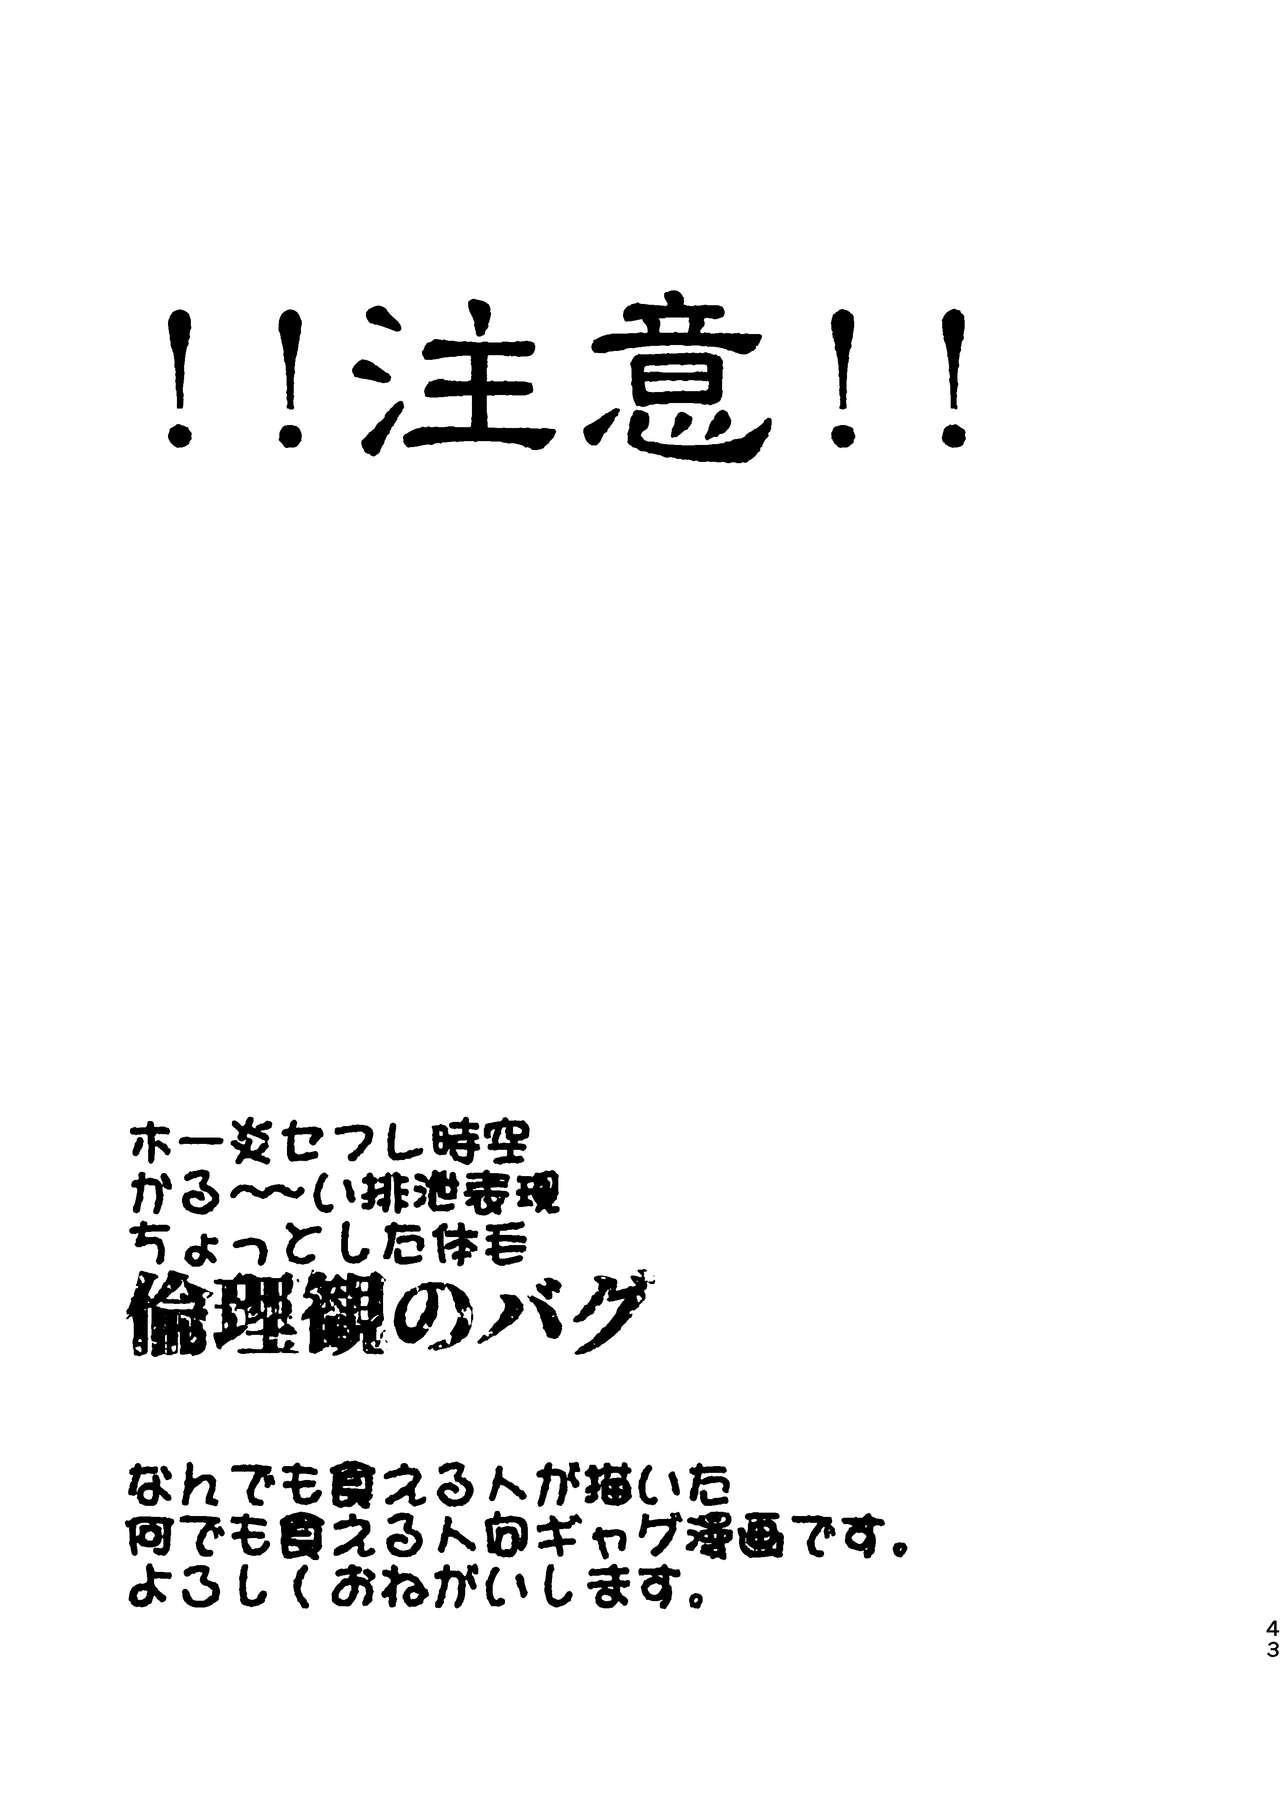 WEB Sairoku Zumi HawEn Manga ga Kami demo Yomeru Hon. 42